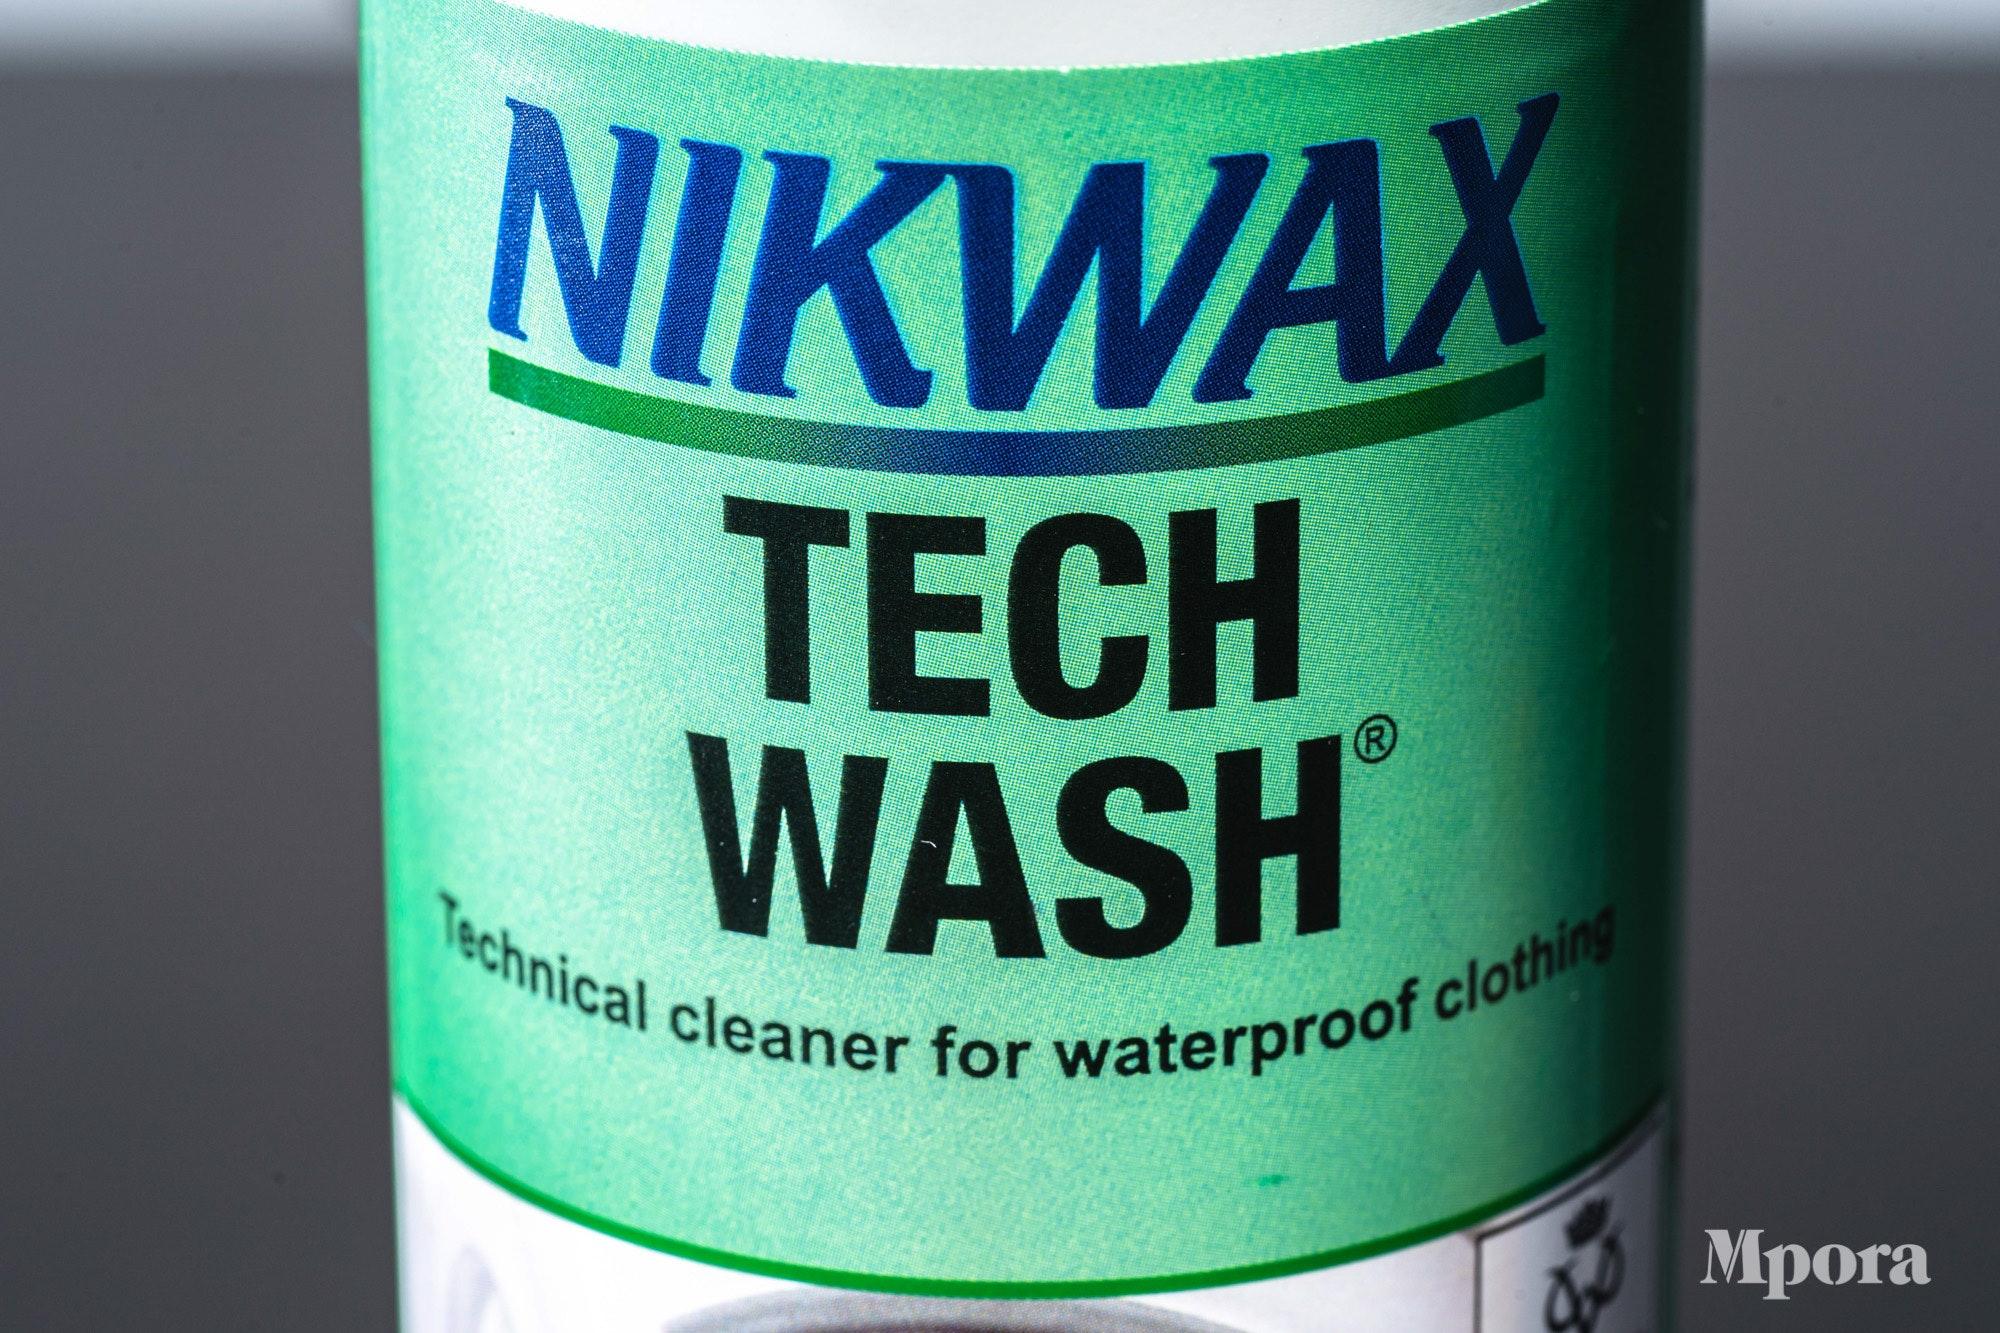 nikwax-tech-wash-review-8